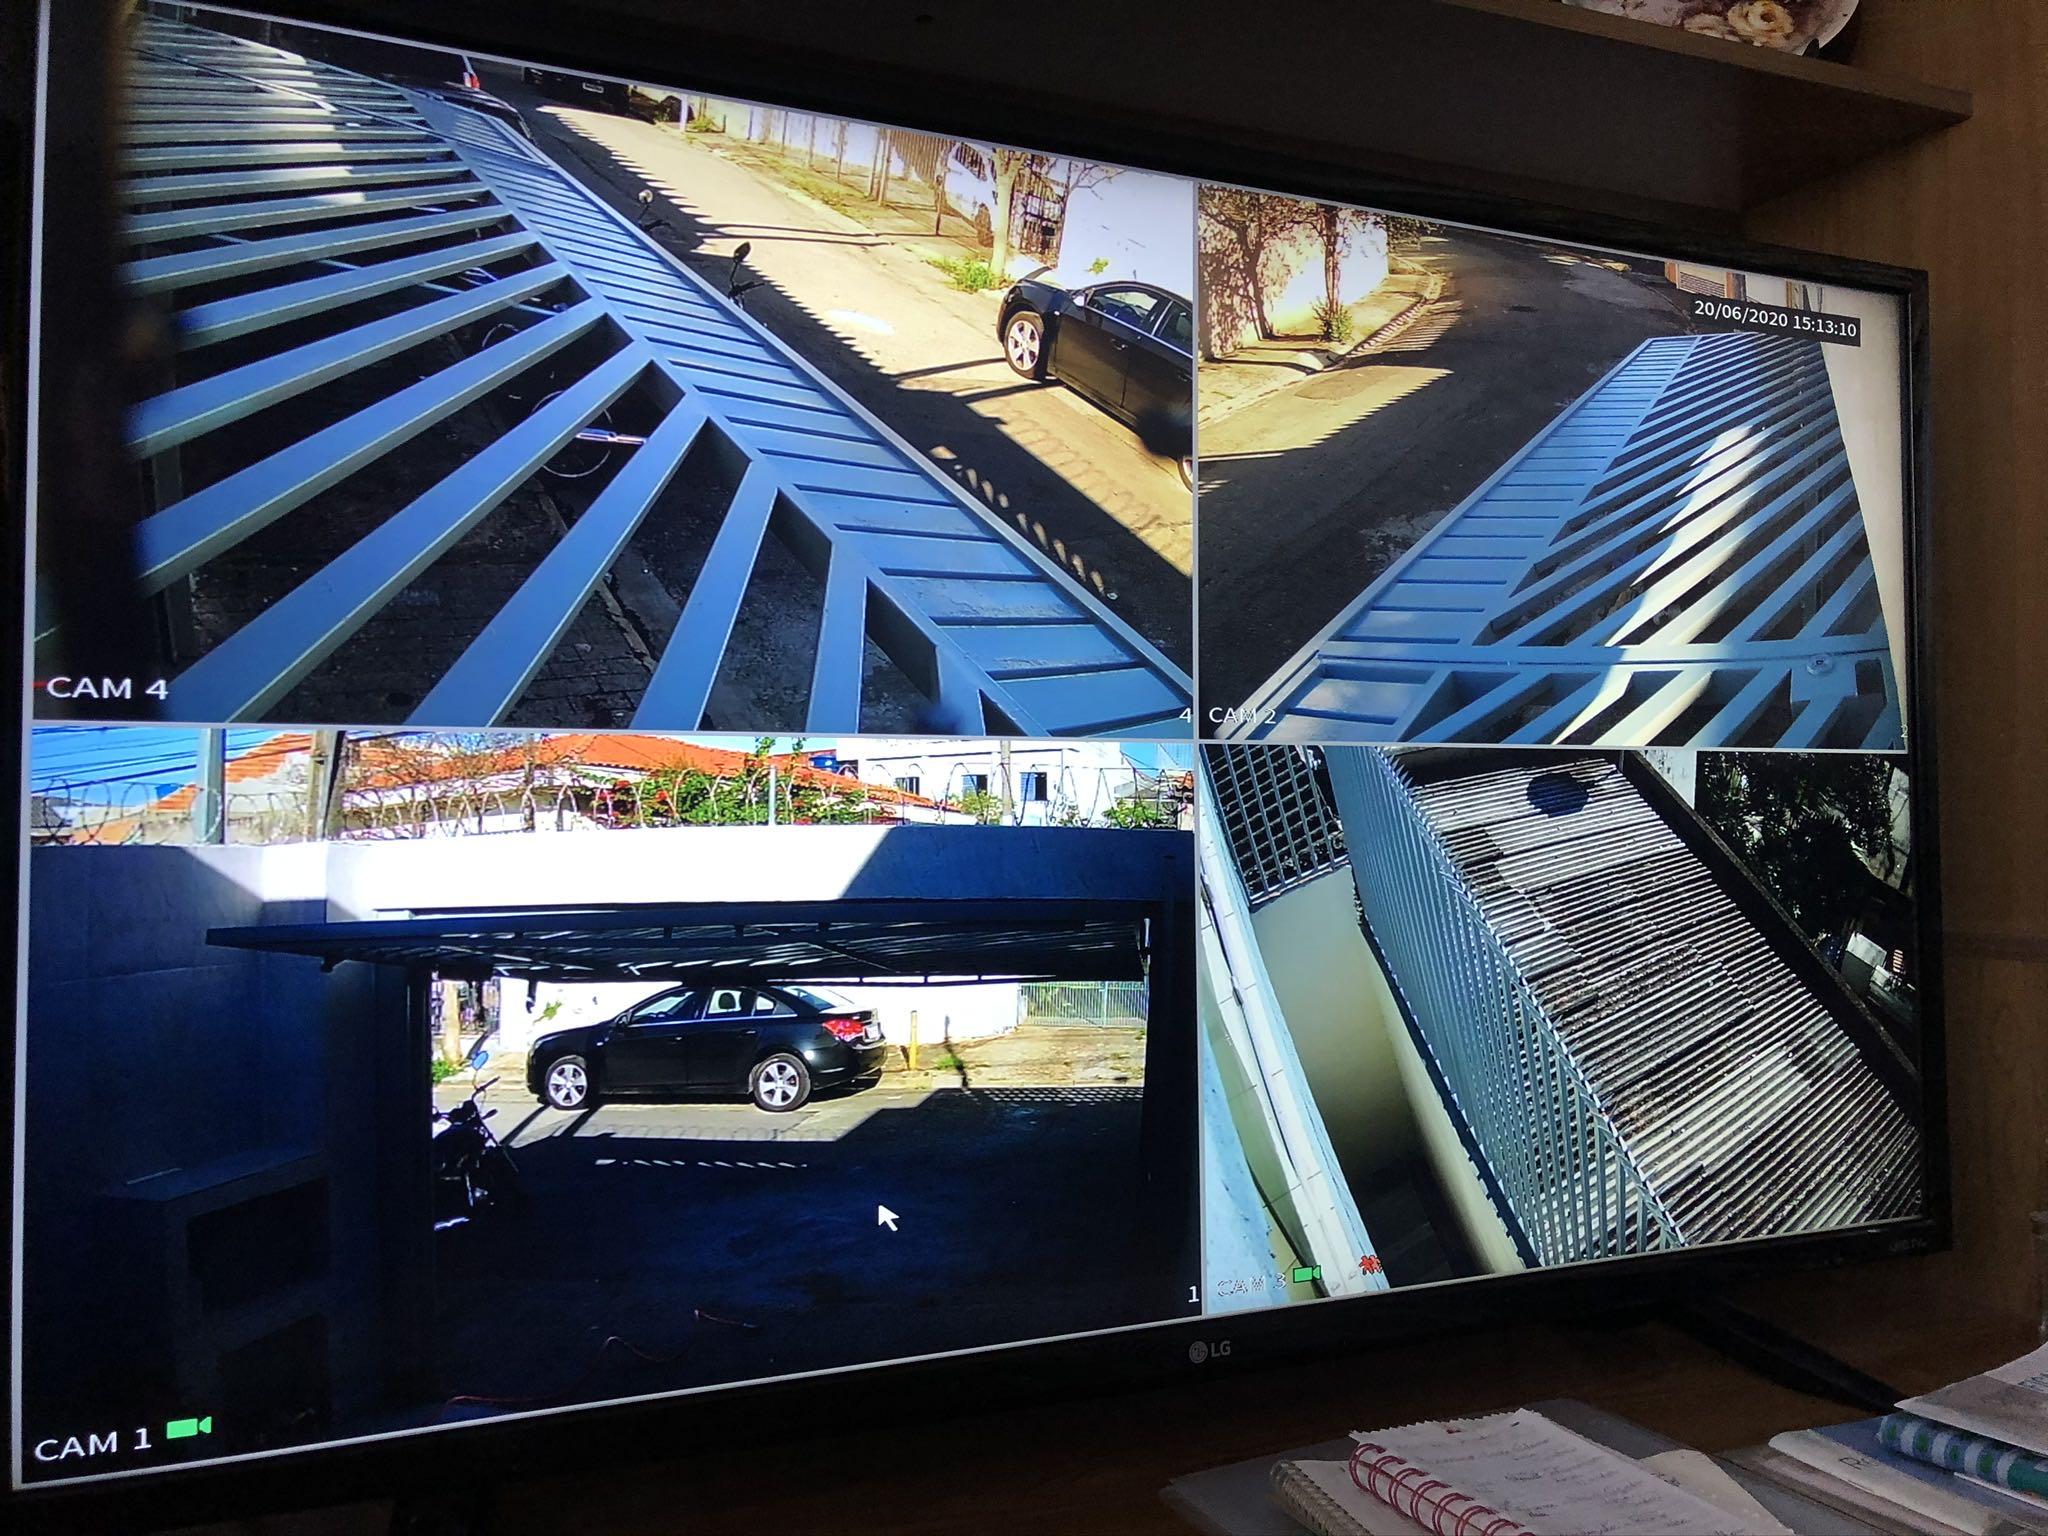 CFTV residencial com 4 câmeras!